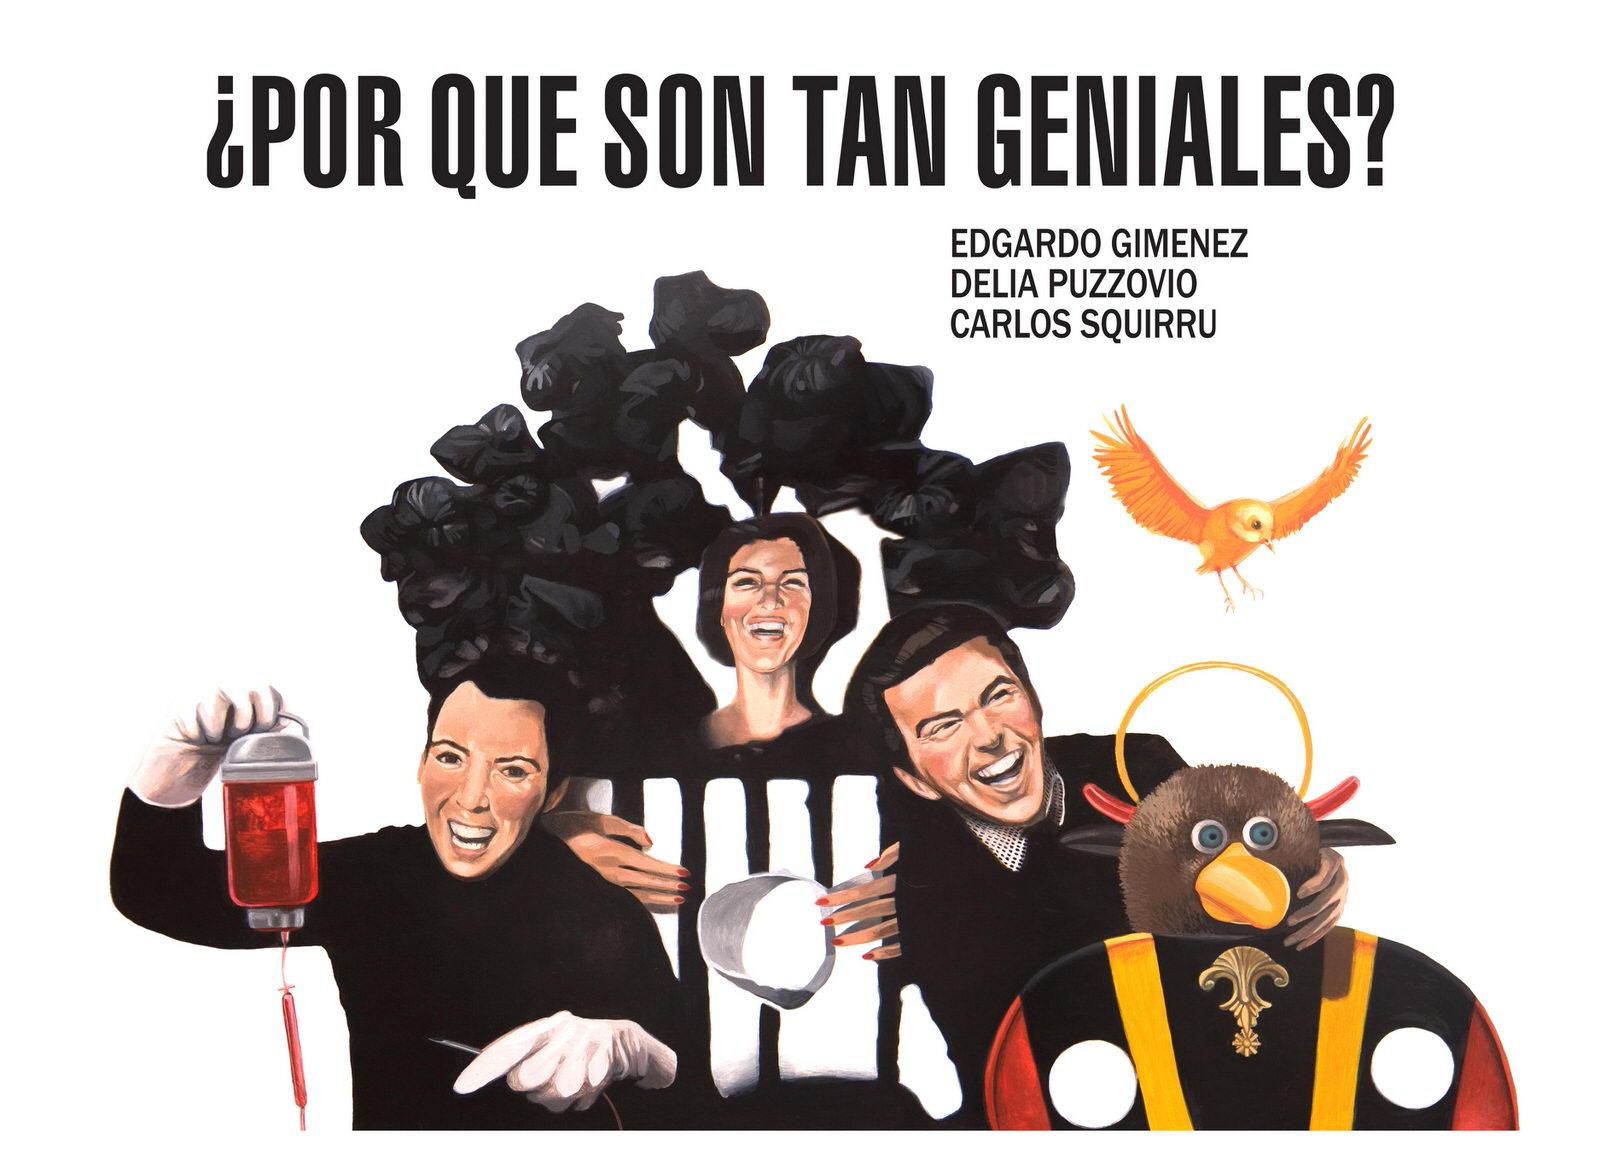 Edgardo Gimenez